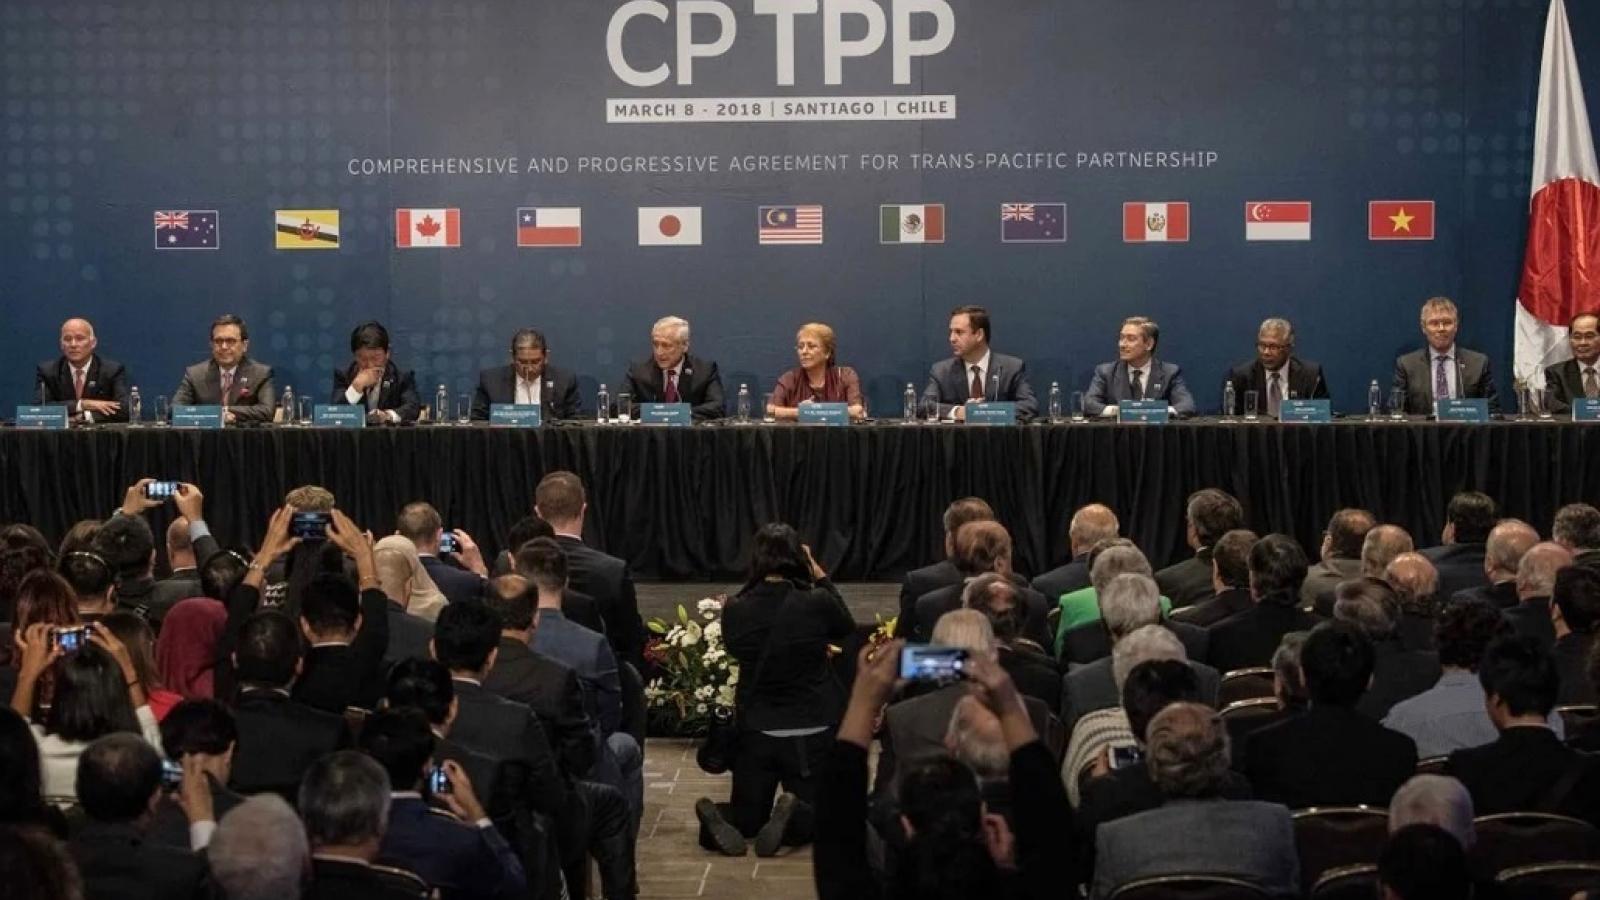 Liệu Trung Quốc có thực sự gia nhập được Hiệp định thương mại CPTPP?